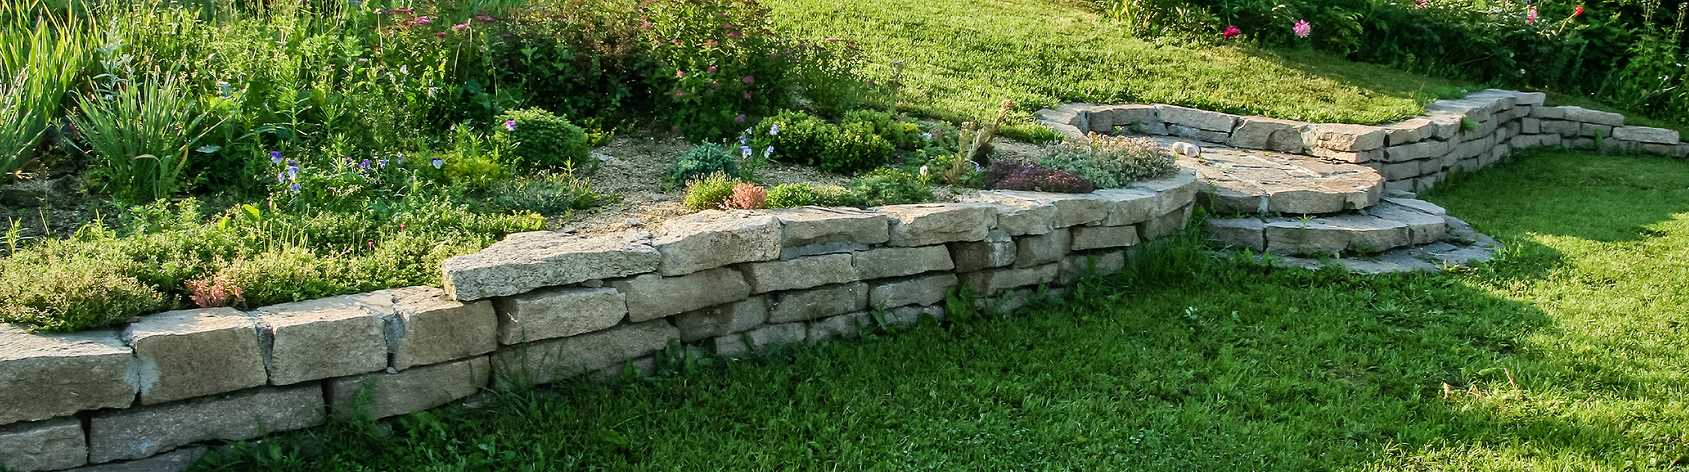 Images of Landscape Design Services Best Home Design